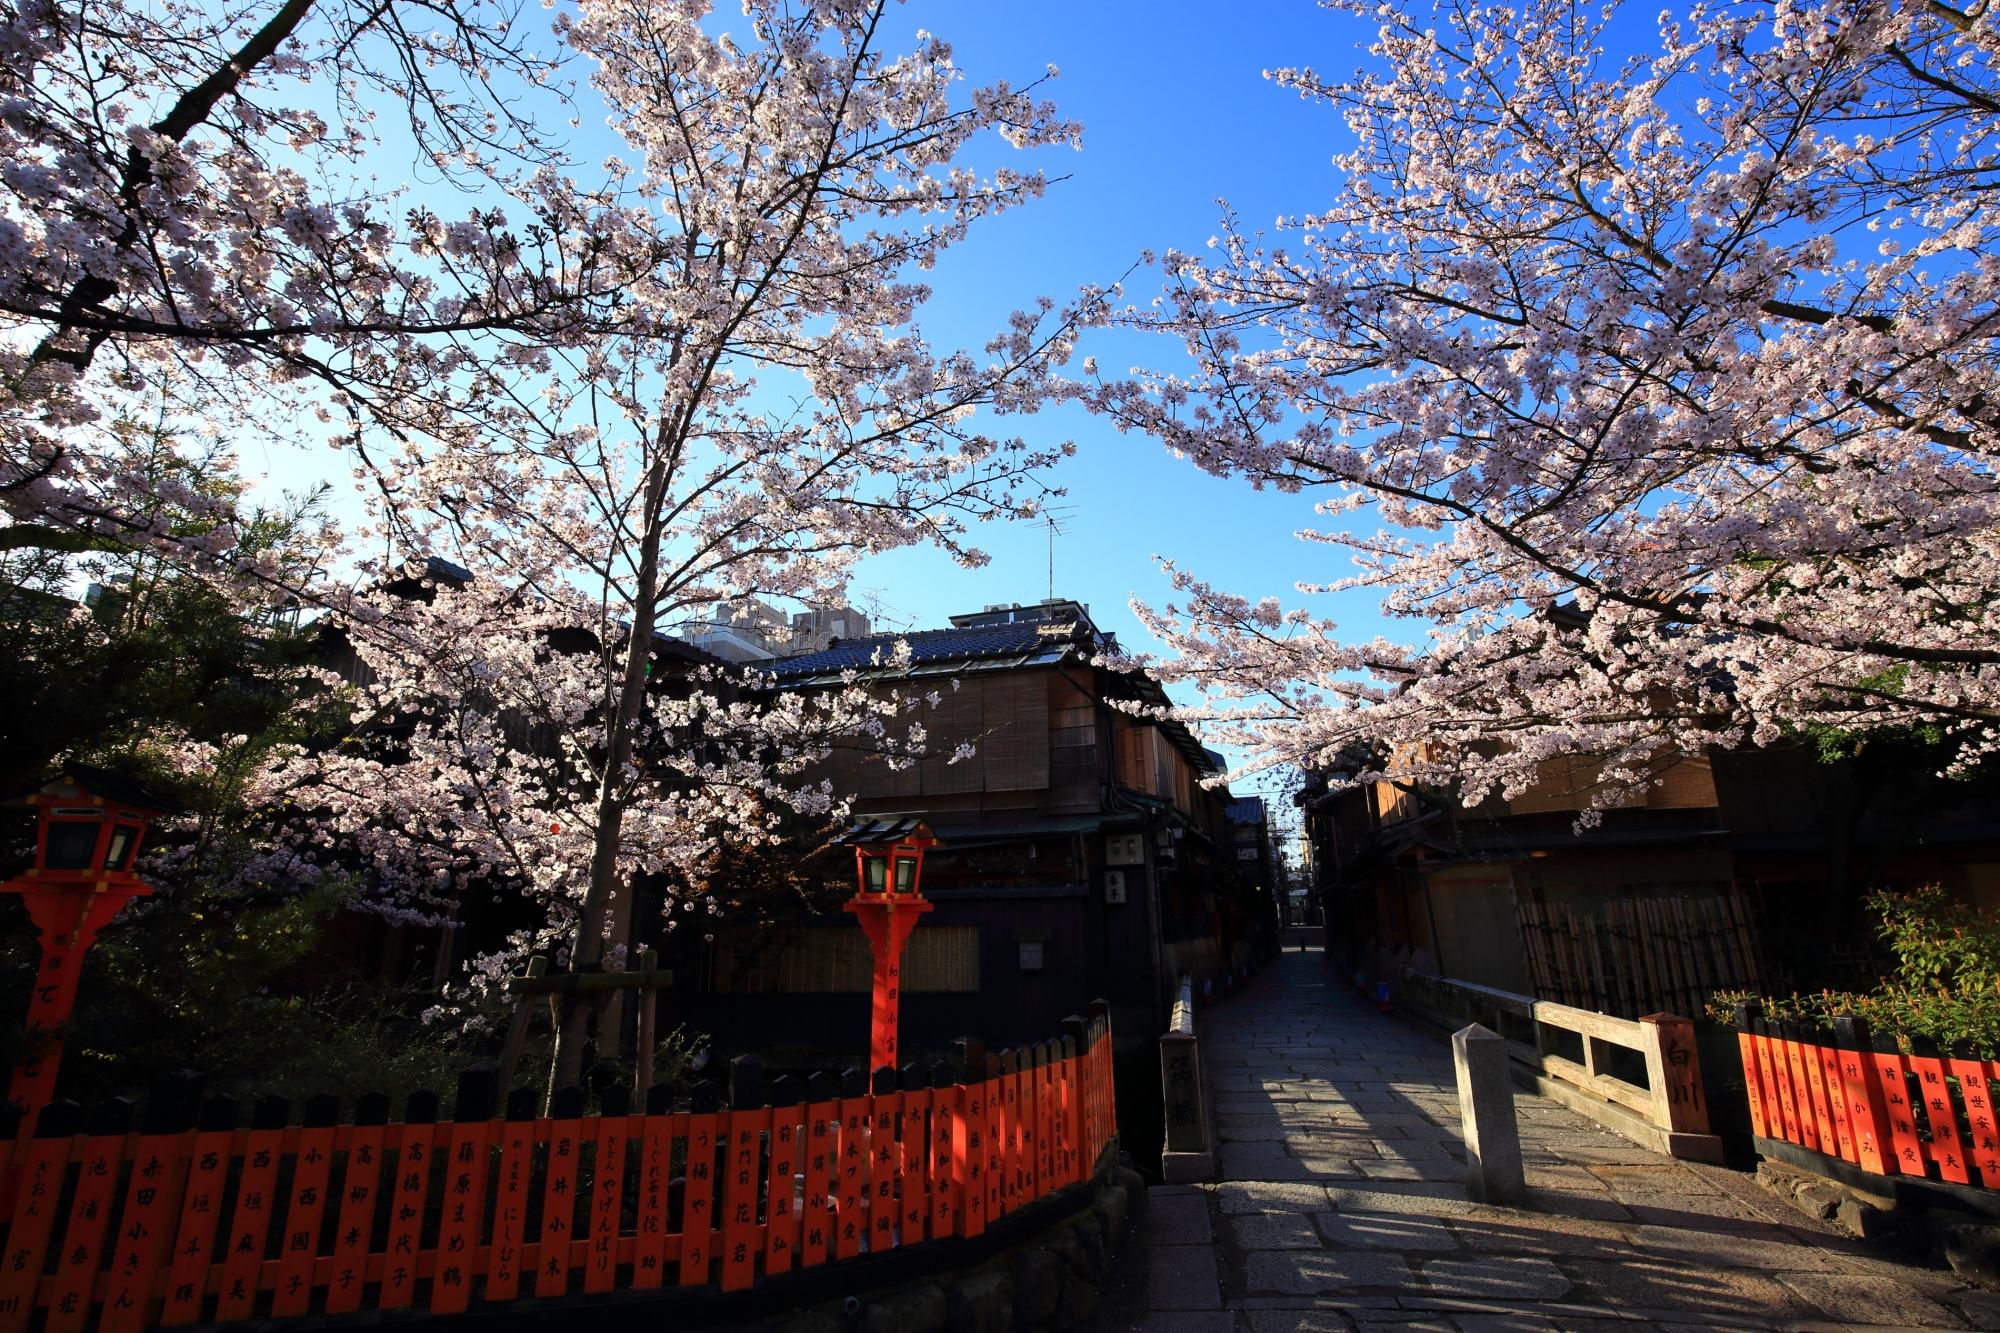 趣きある巽橋と青空を優雅に彩る桜